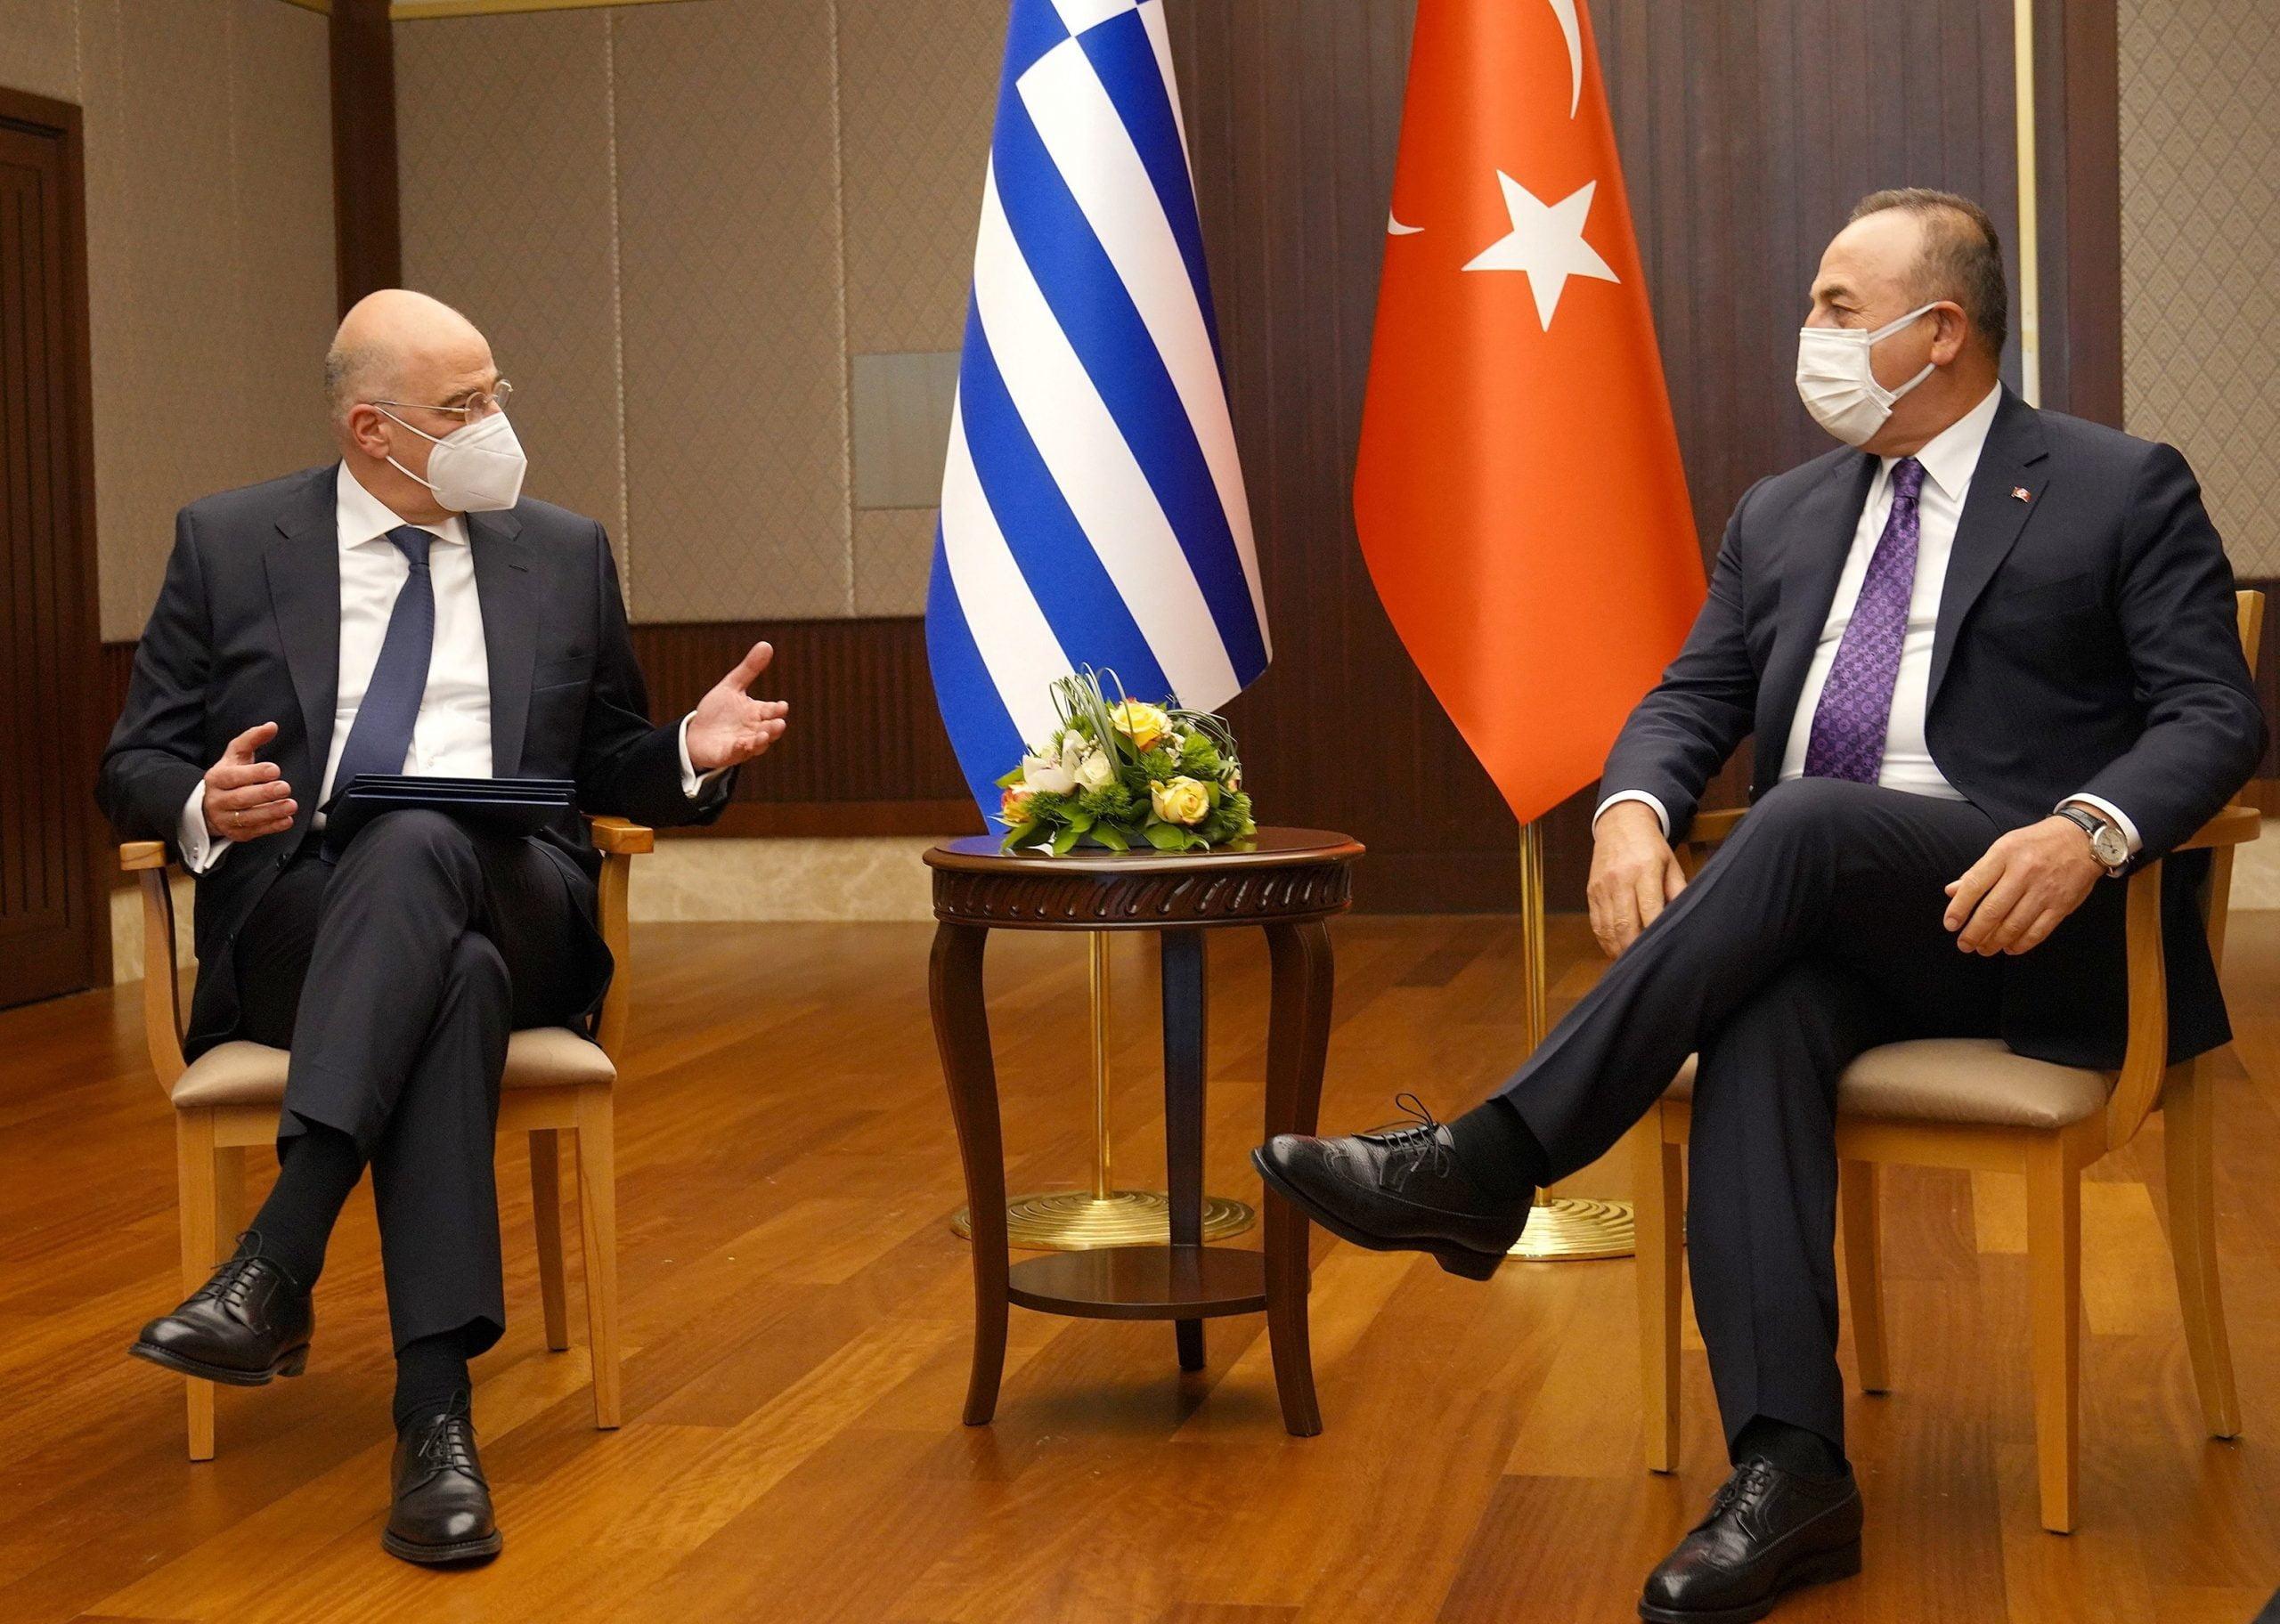 Ποια είναι η σύμβαση UNCLOS που επικαλέστηκε ο Δένδιας και κρίνει την είσοδο της Τουρκίας στην ΕΕ